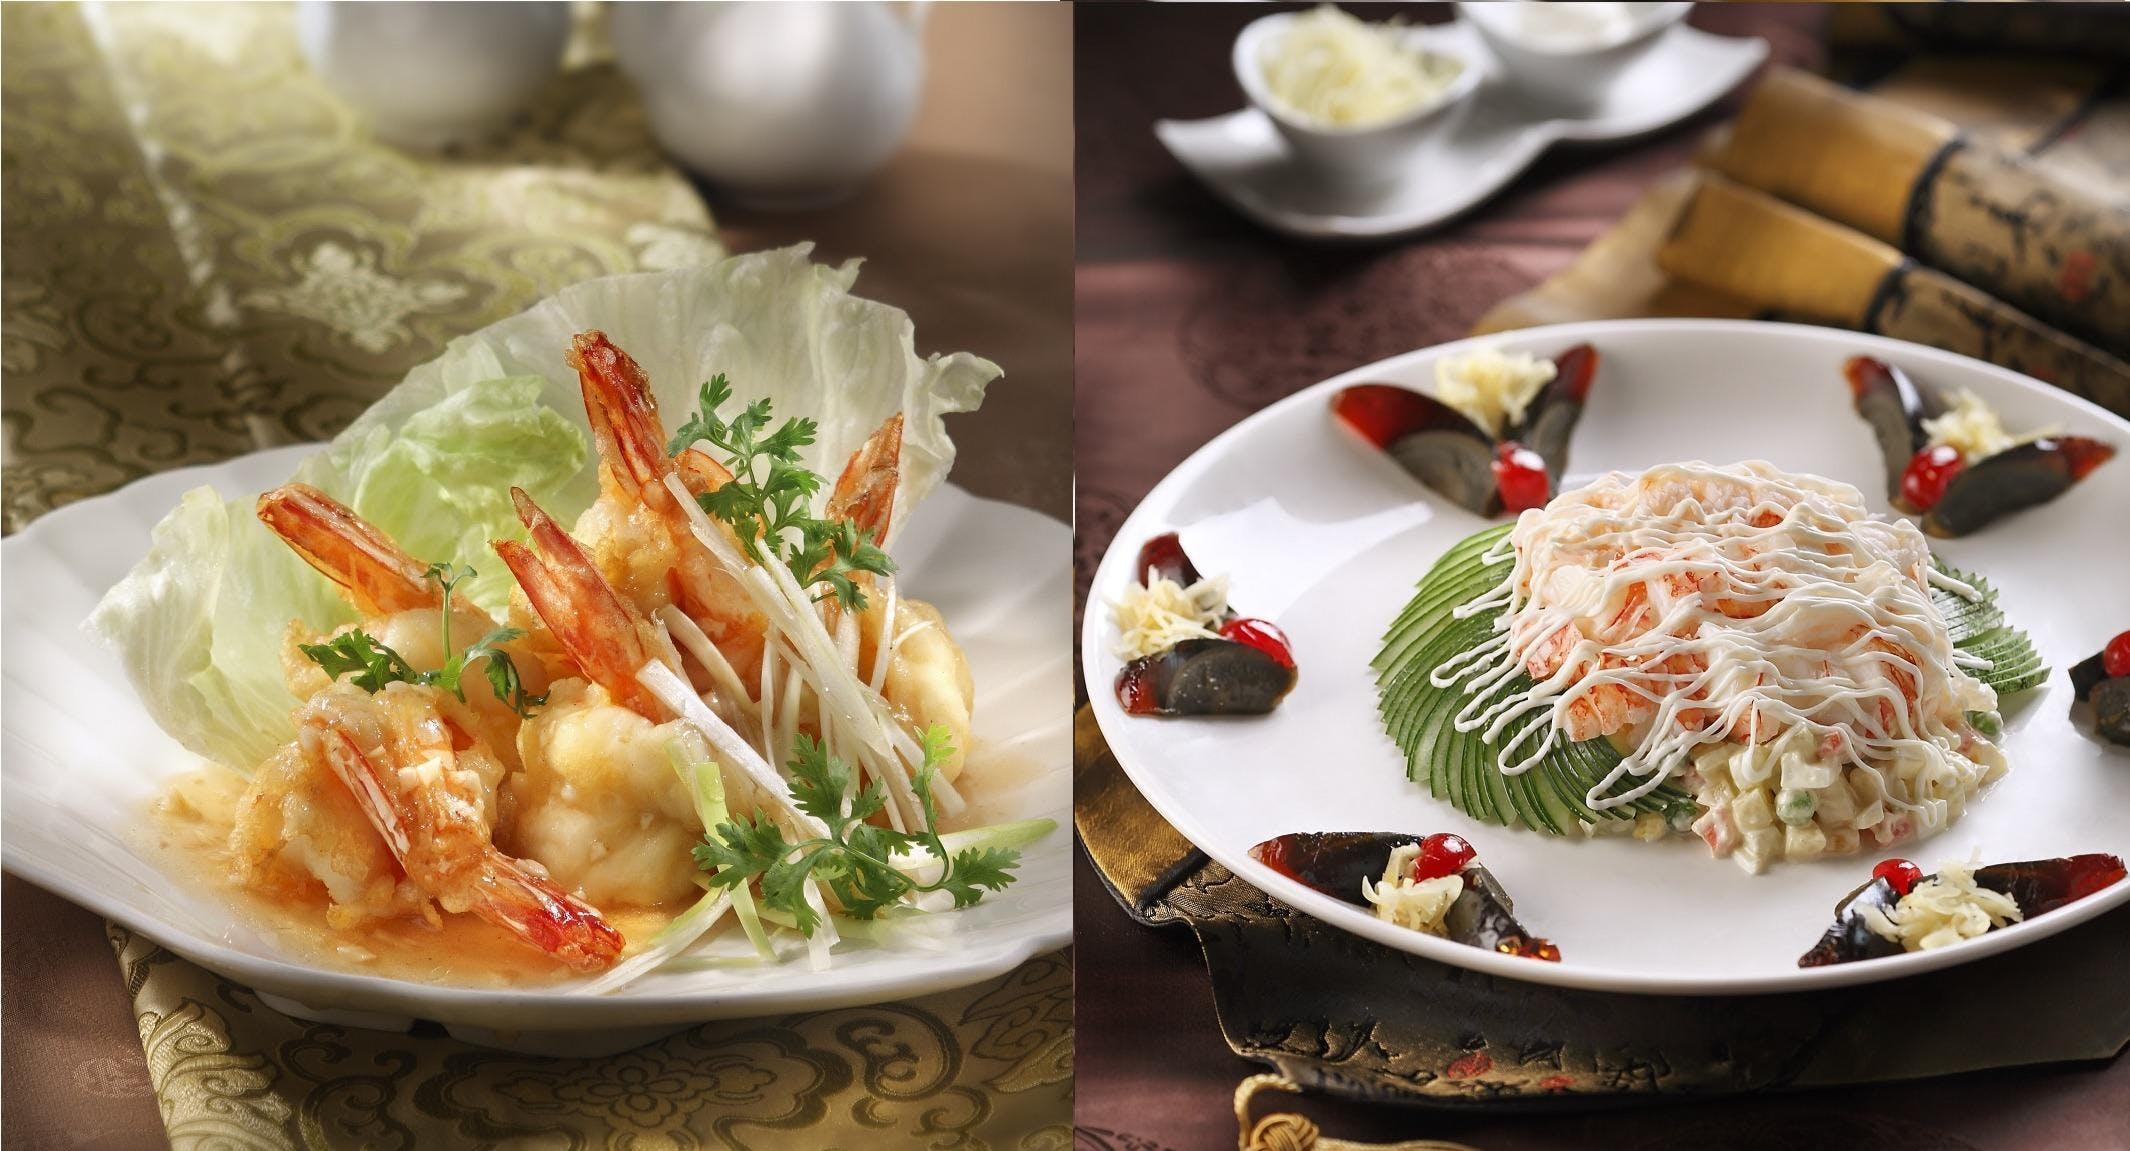 Prima Tower Revolving Restaurant Singapore image 3